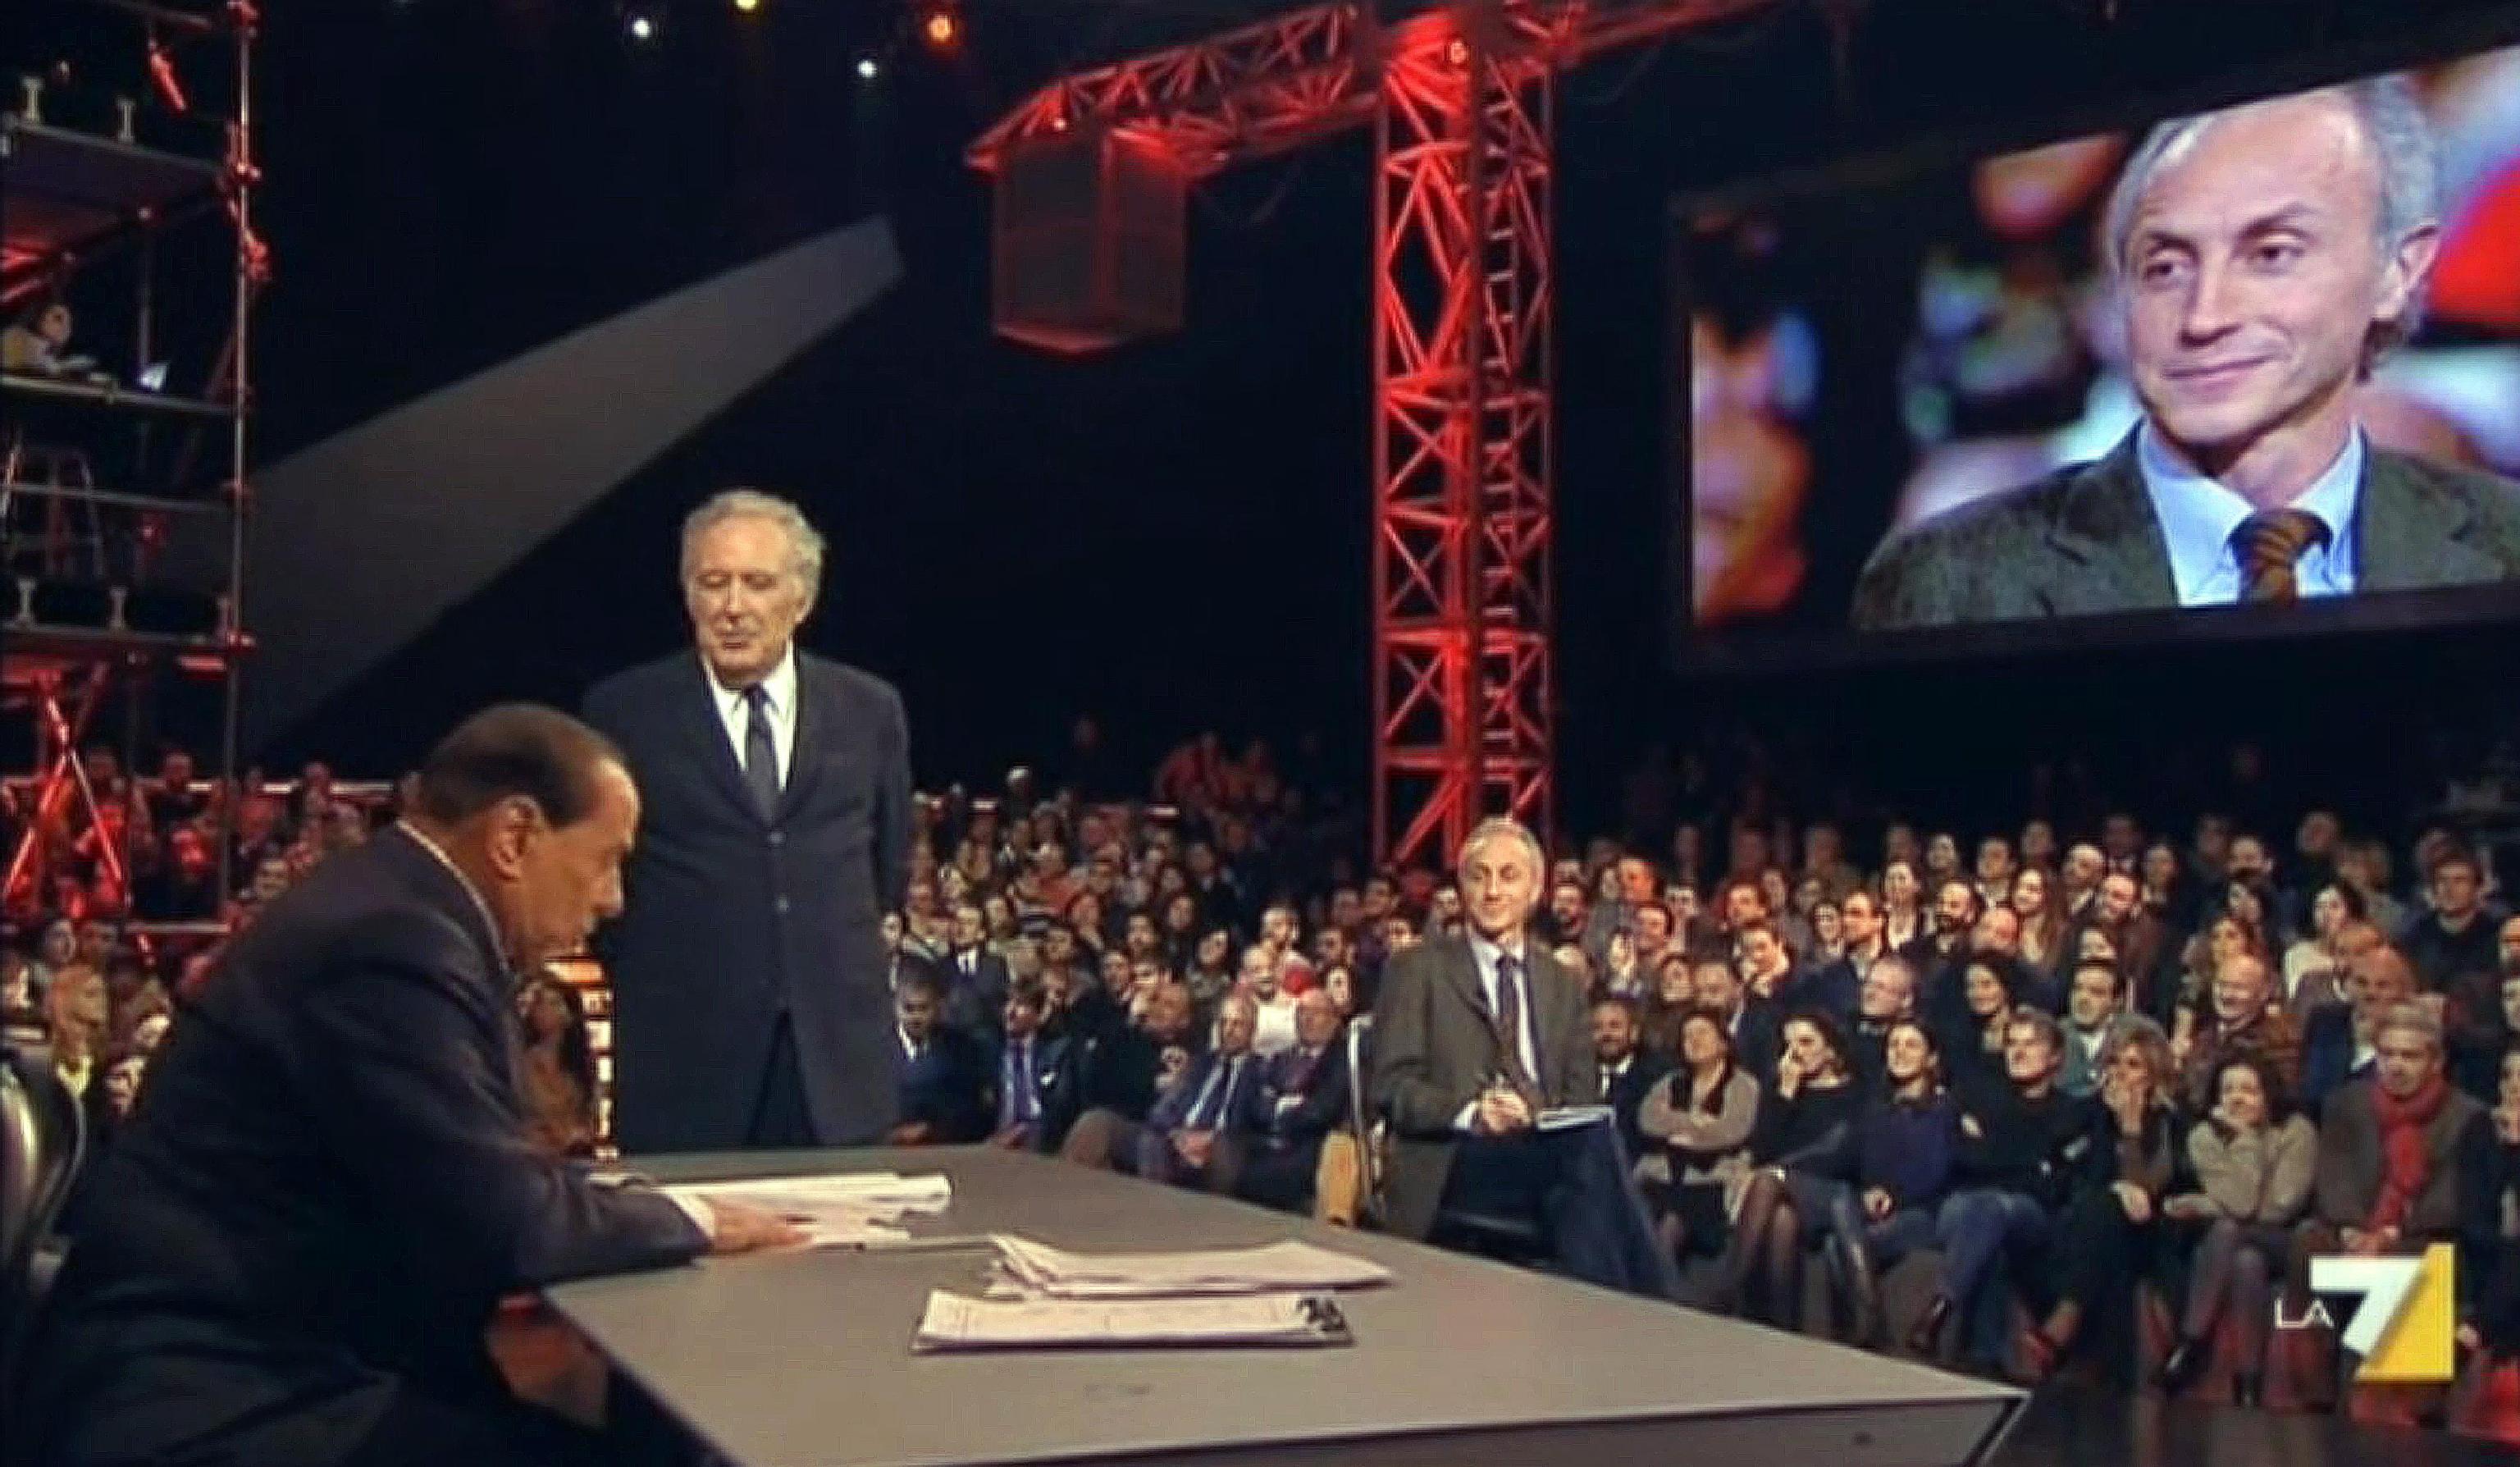 """La lezione di Berlusconi a Travaglio """"Dimostrato ¨ facile diffamare"""""""